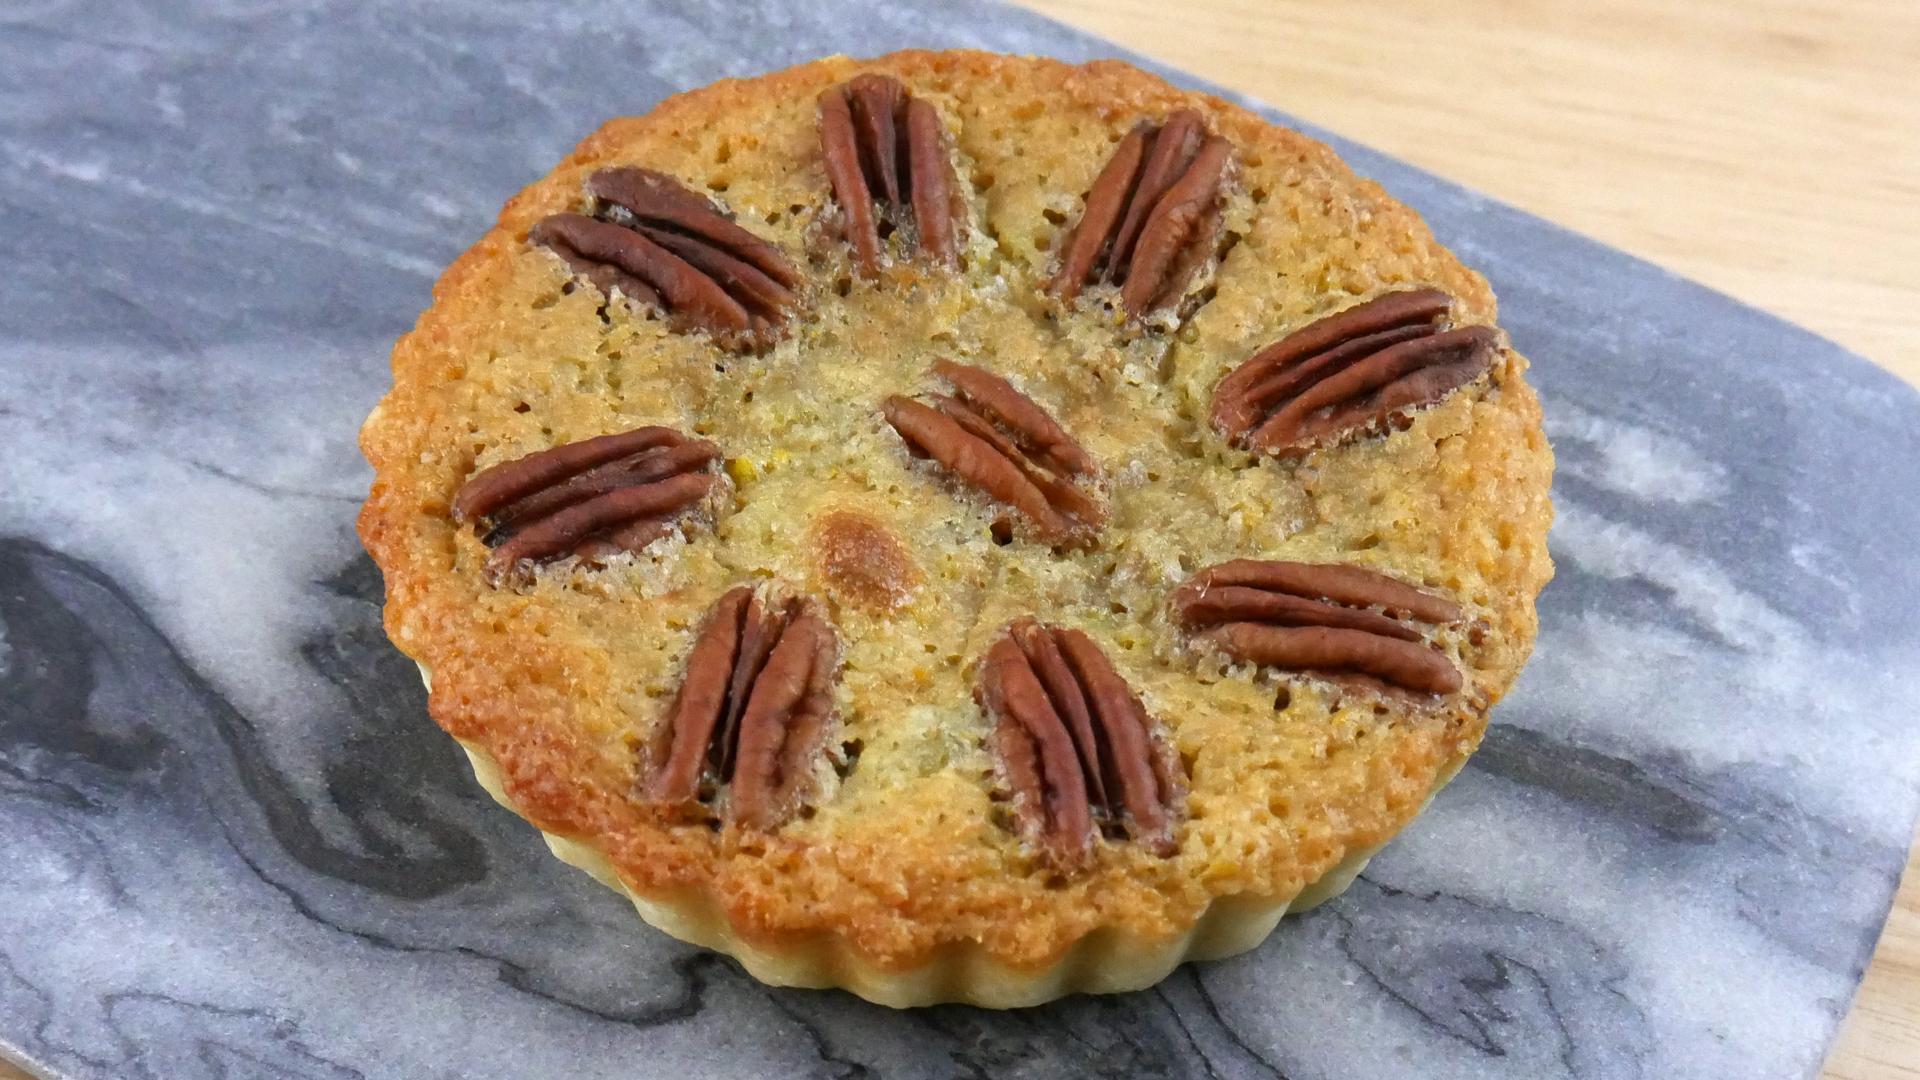 Torta de Noz Pecã (Pecan Pie)